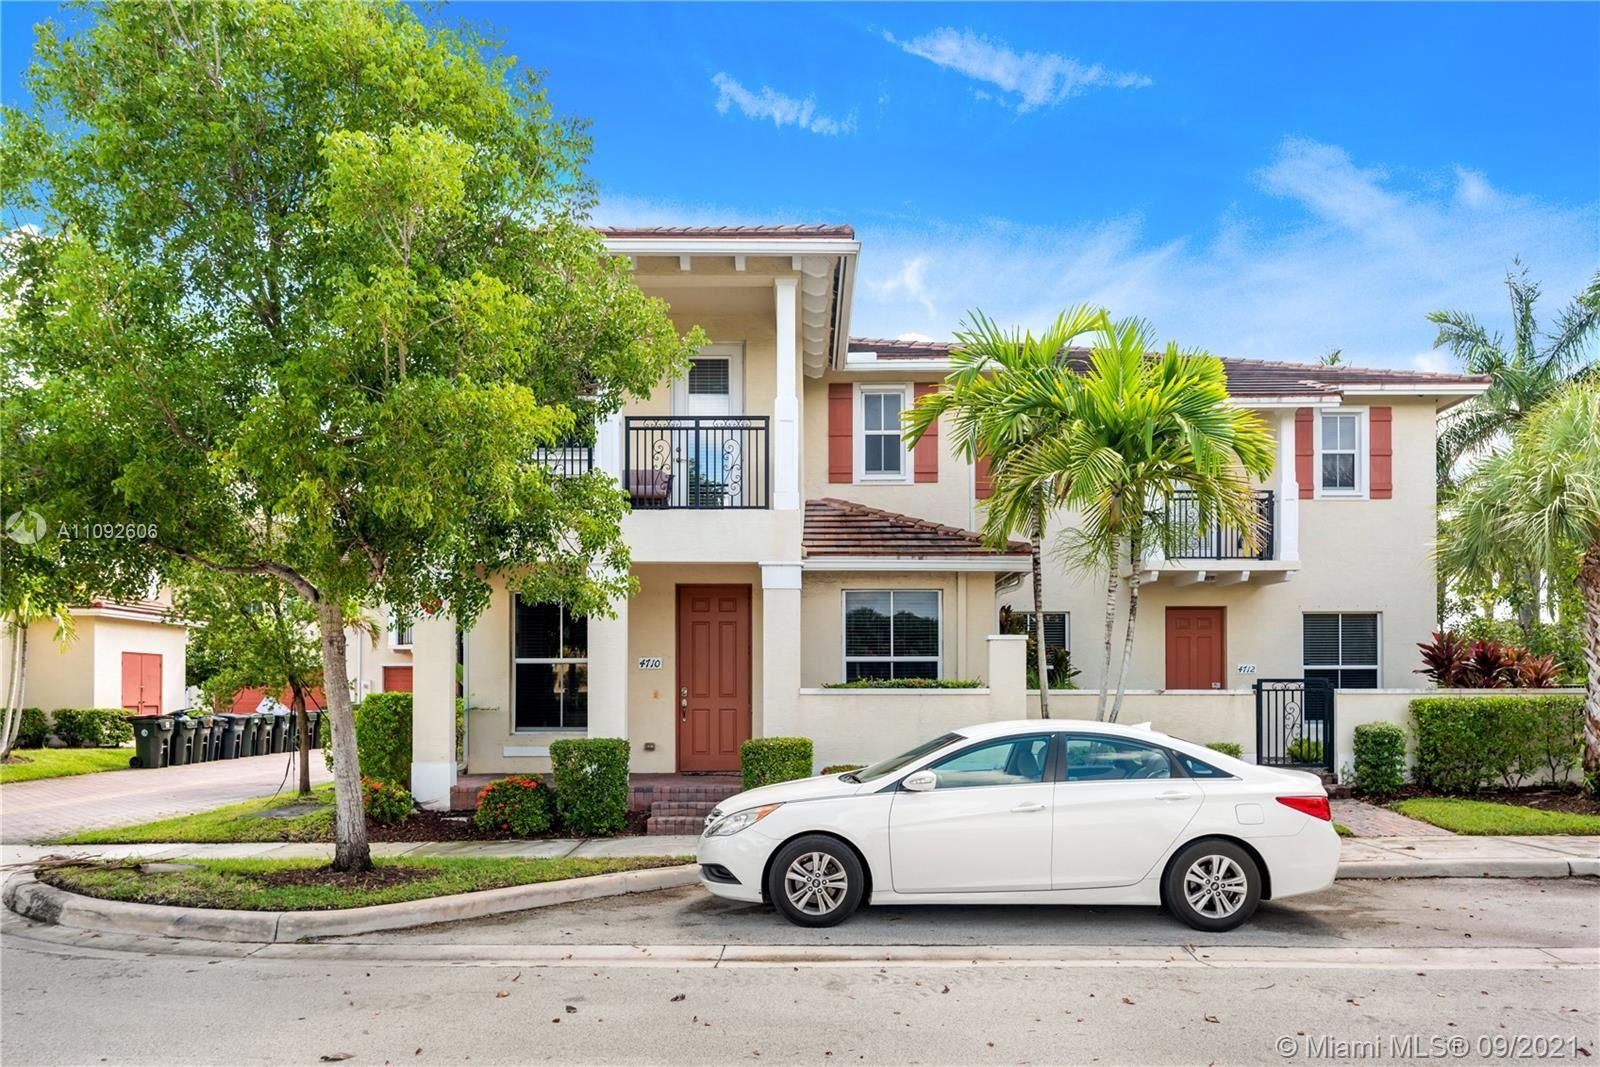 4710 Monarch Way #1-1, Coconut Creek, FL 33073 - #: A11092606